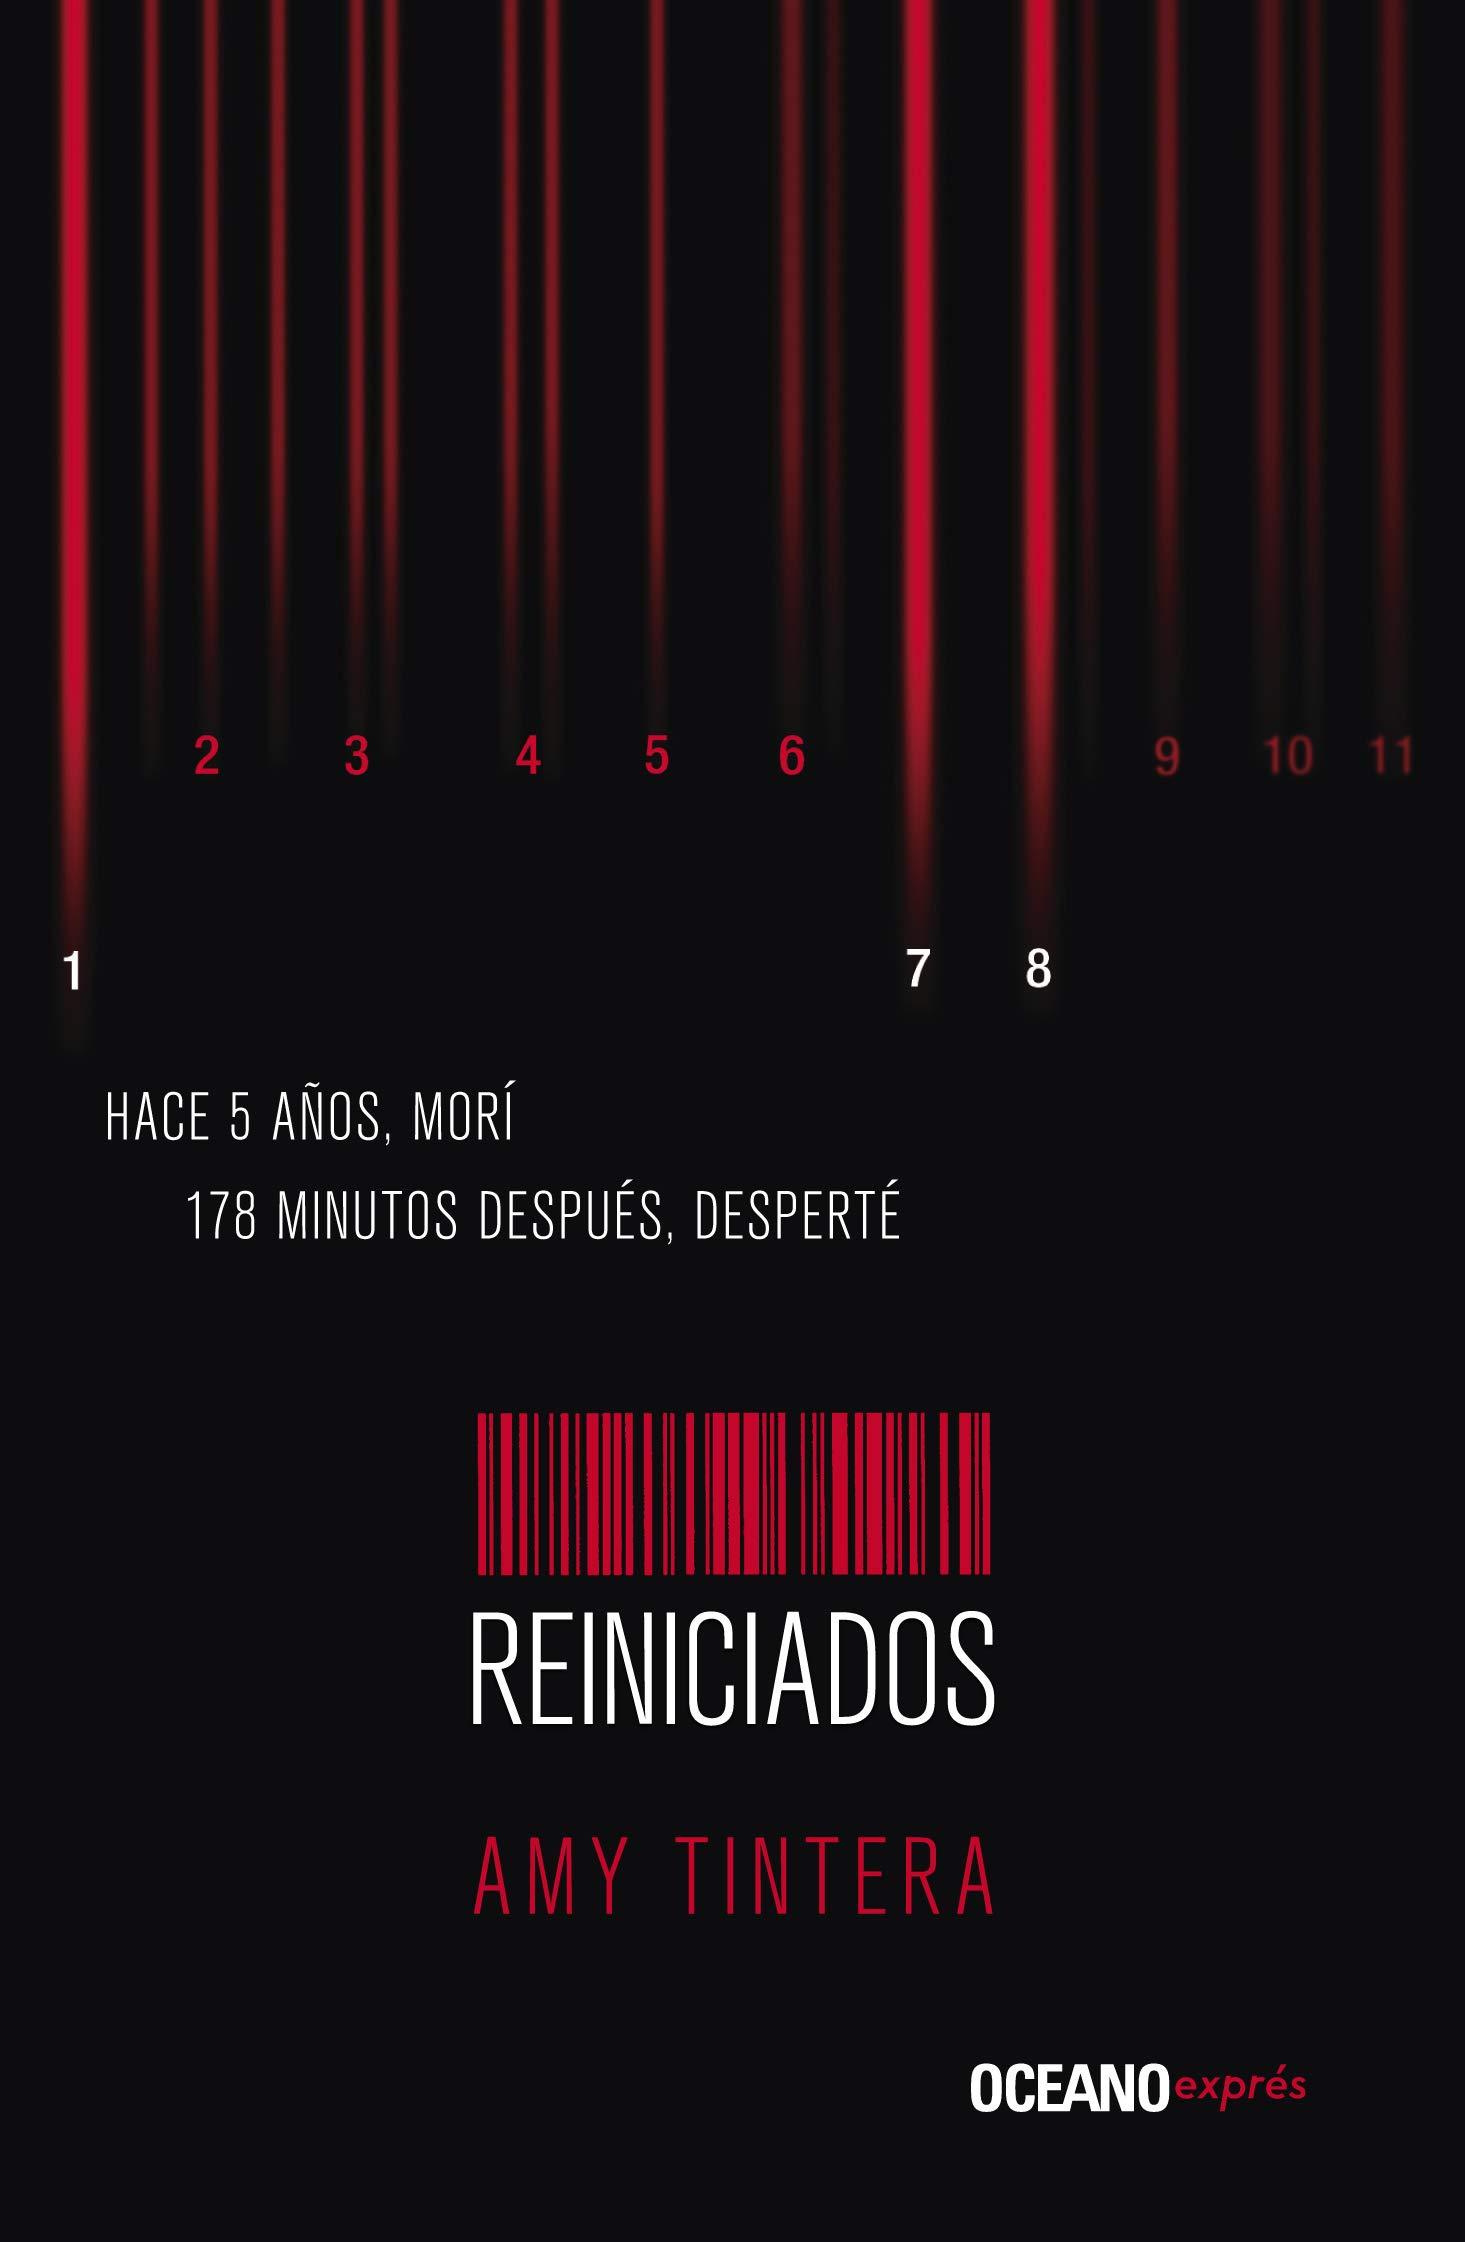 Reiniciados: Amazon.es: Tintera, Amy: Libros